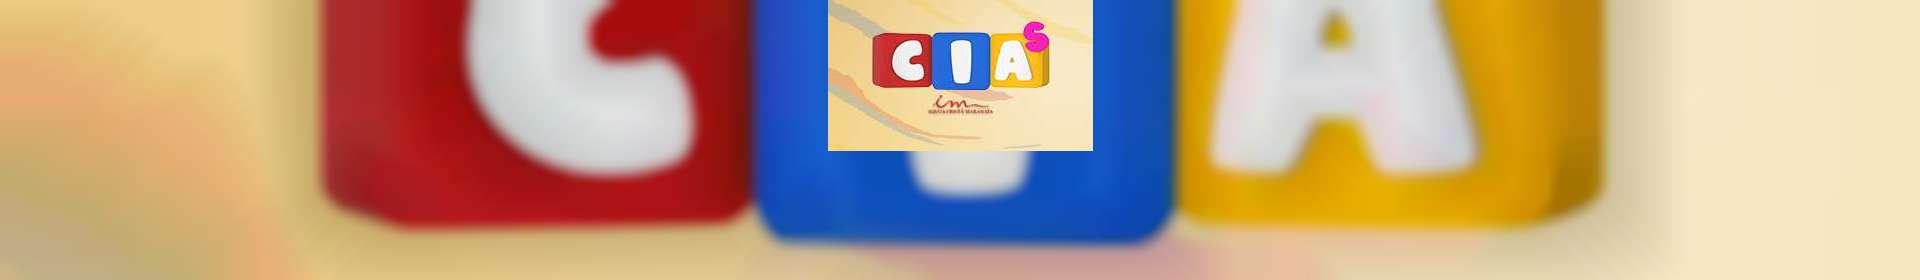 Aula de CIAS: classe de 0 a 3 anos e gestantes - 21 de maio de 2020